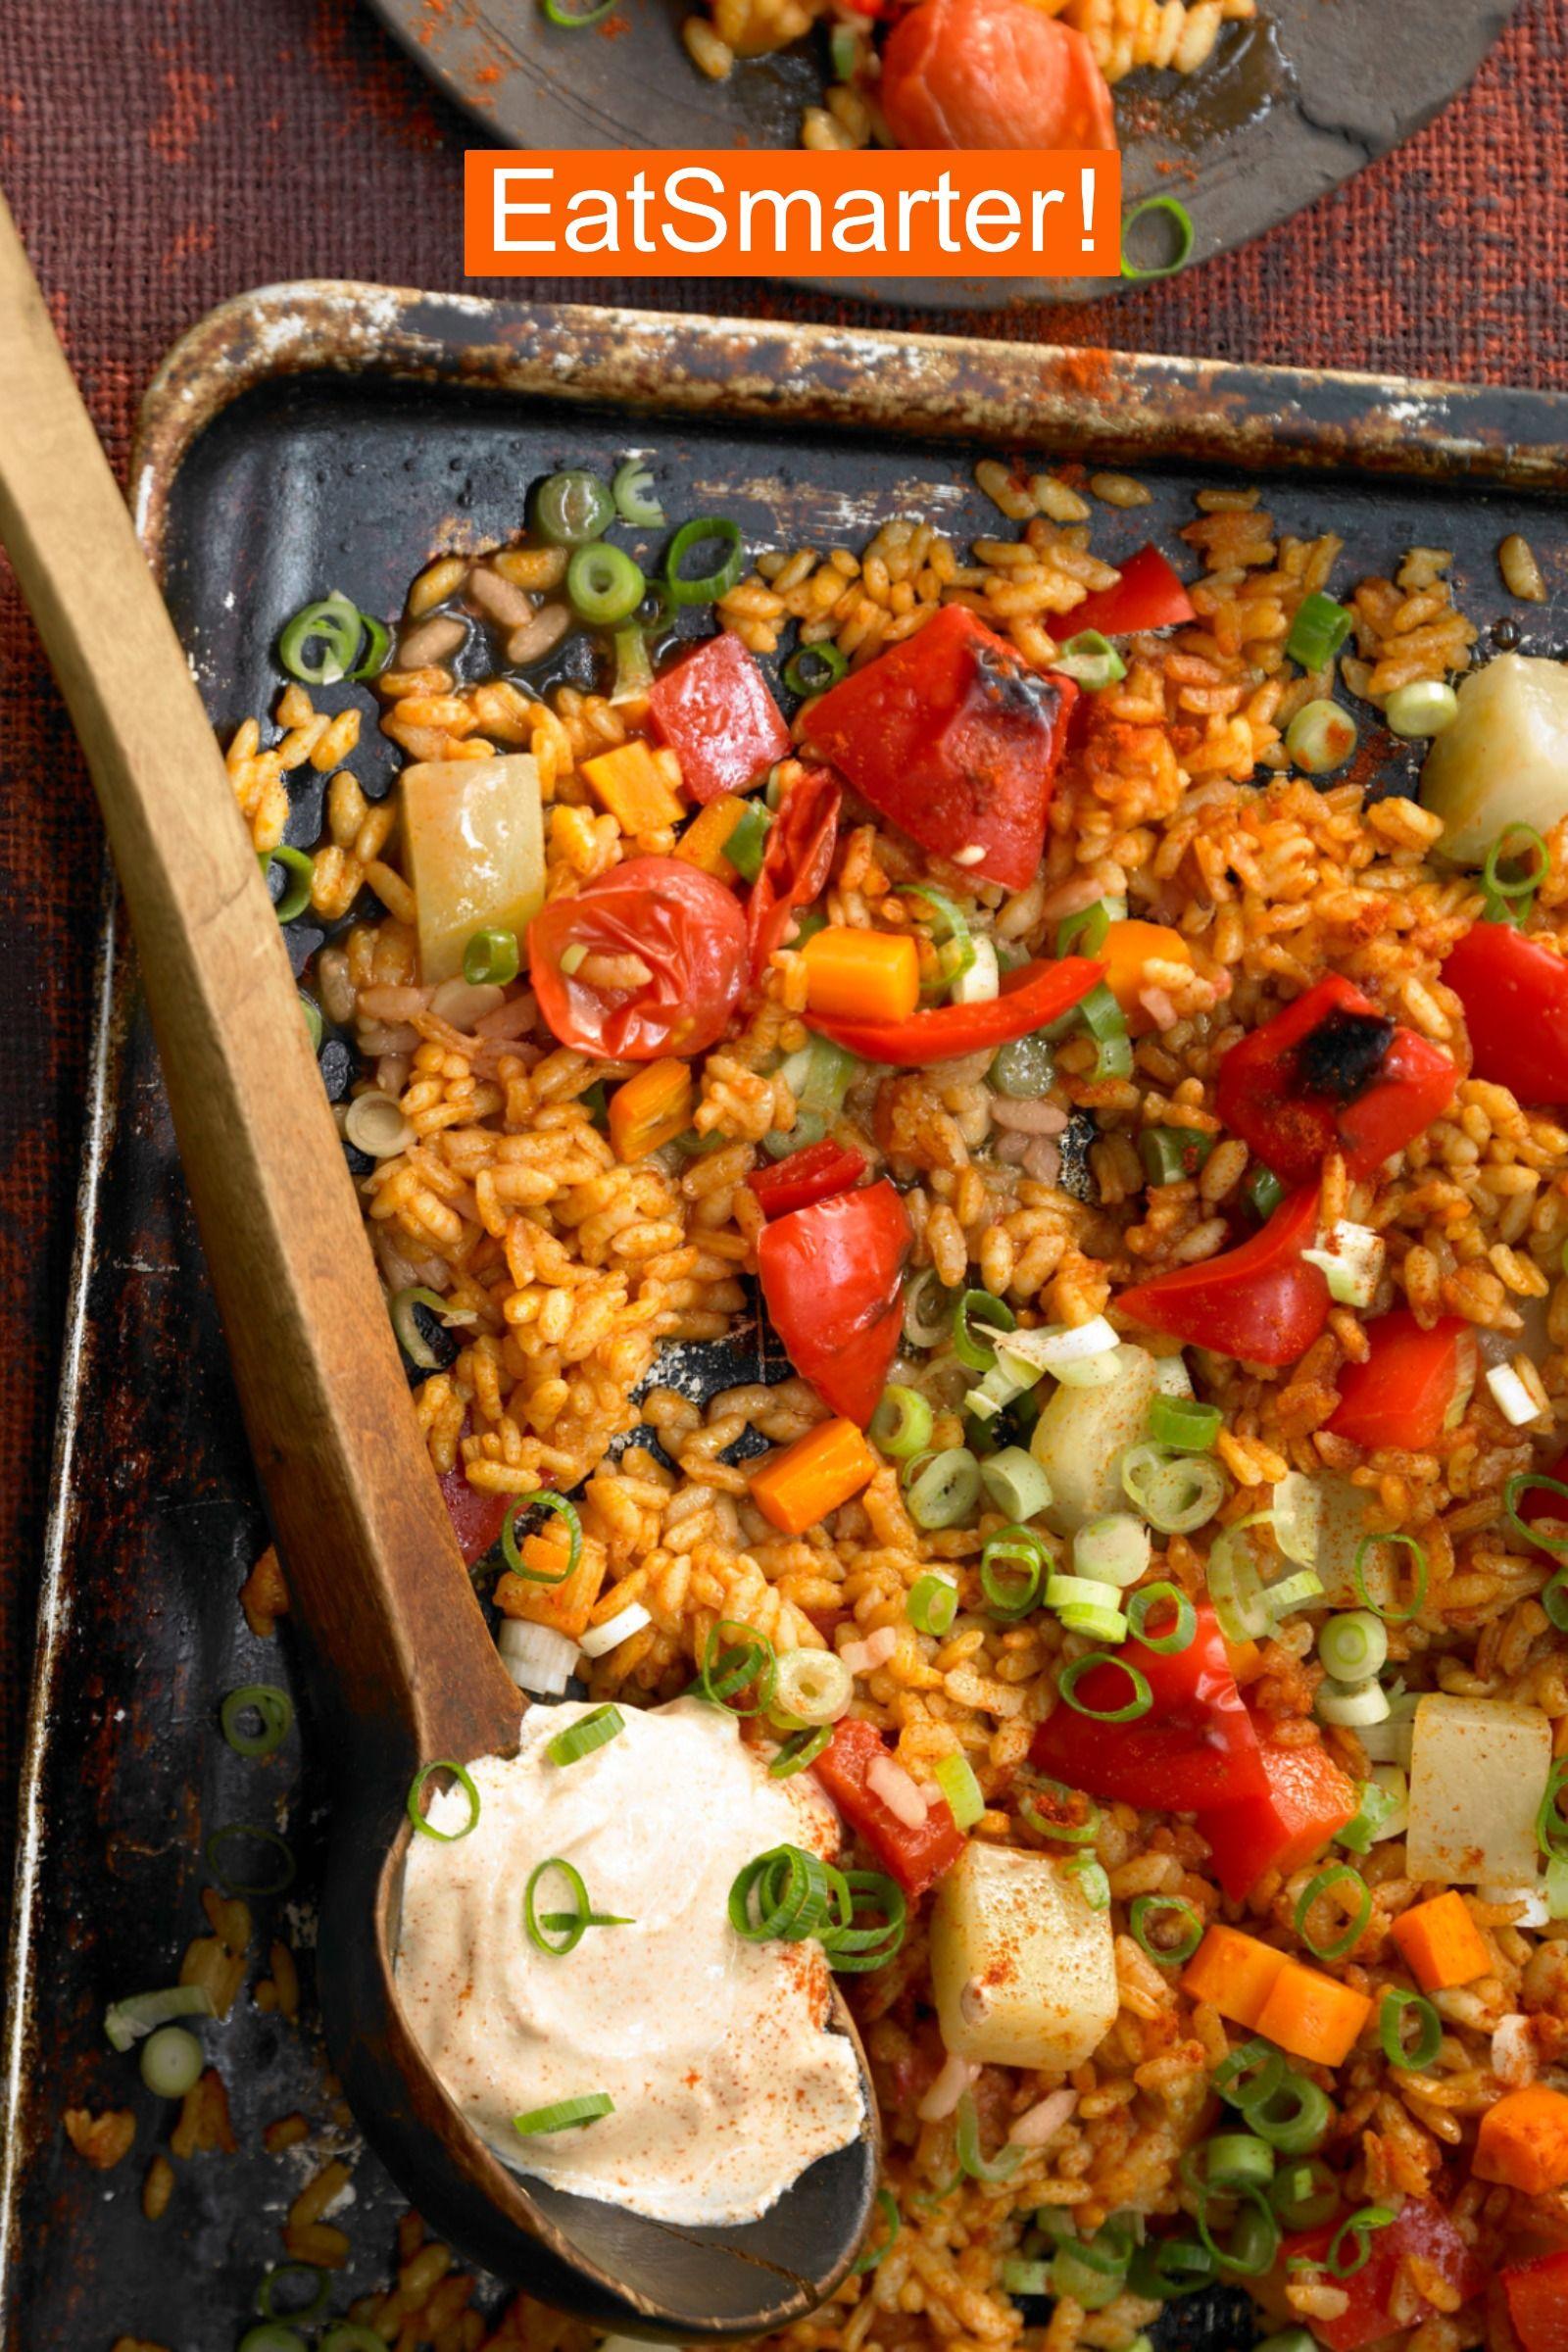 Gesundes Mittagessen vegetarisch: Gemüse-Reis-Pfanne aus dem Ofen | EAT SMARTER